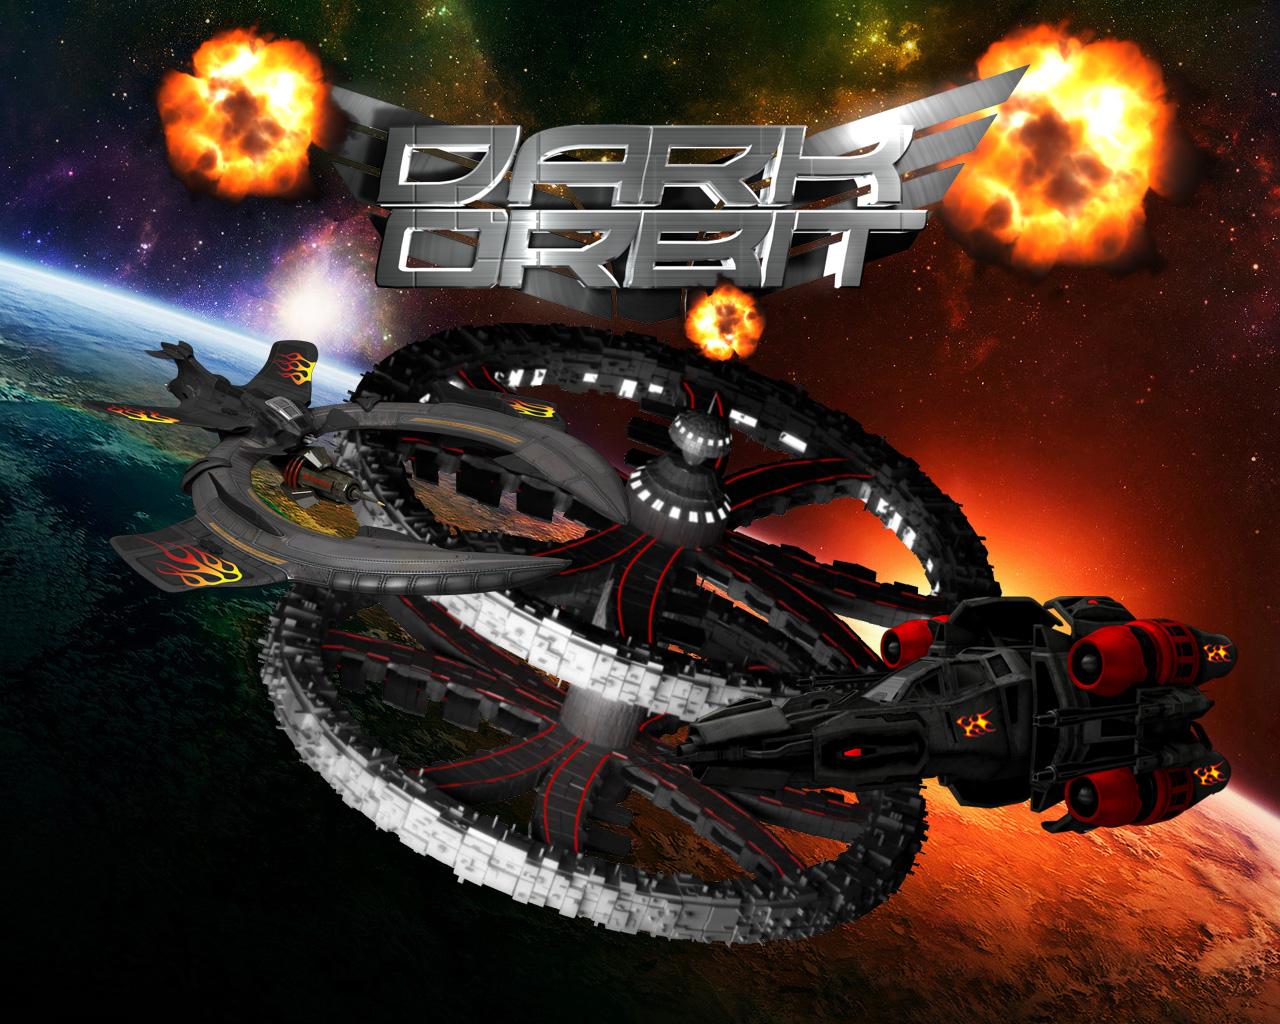 www.dark orbit